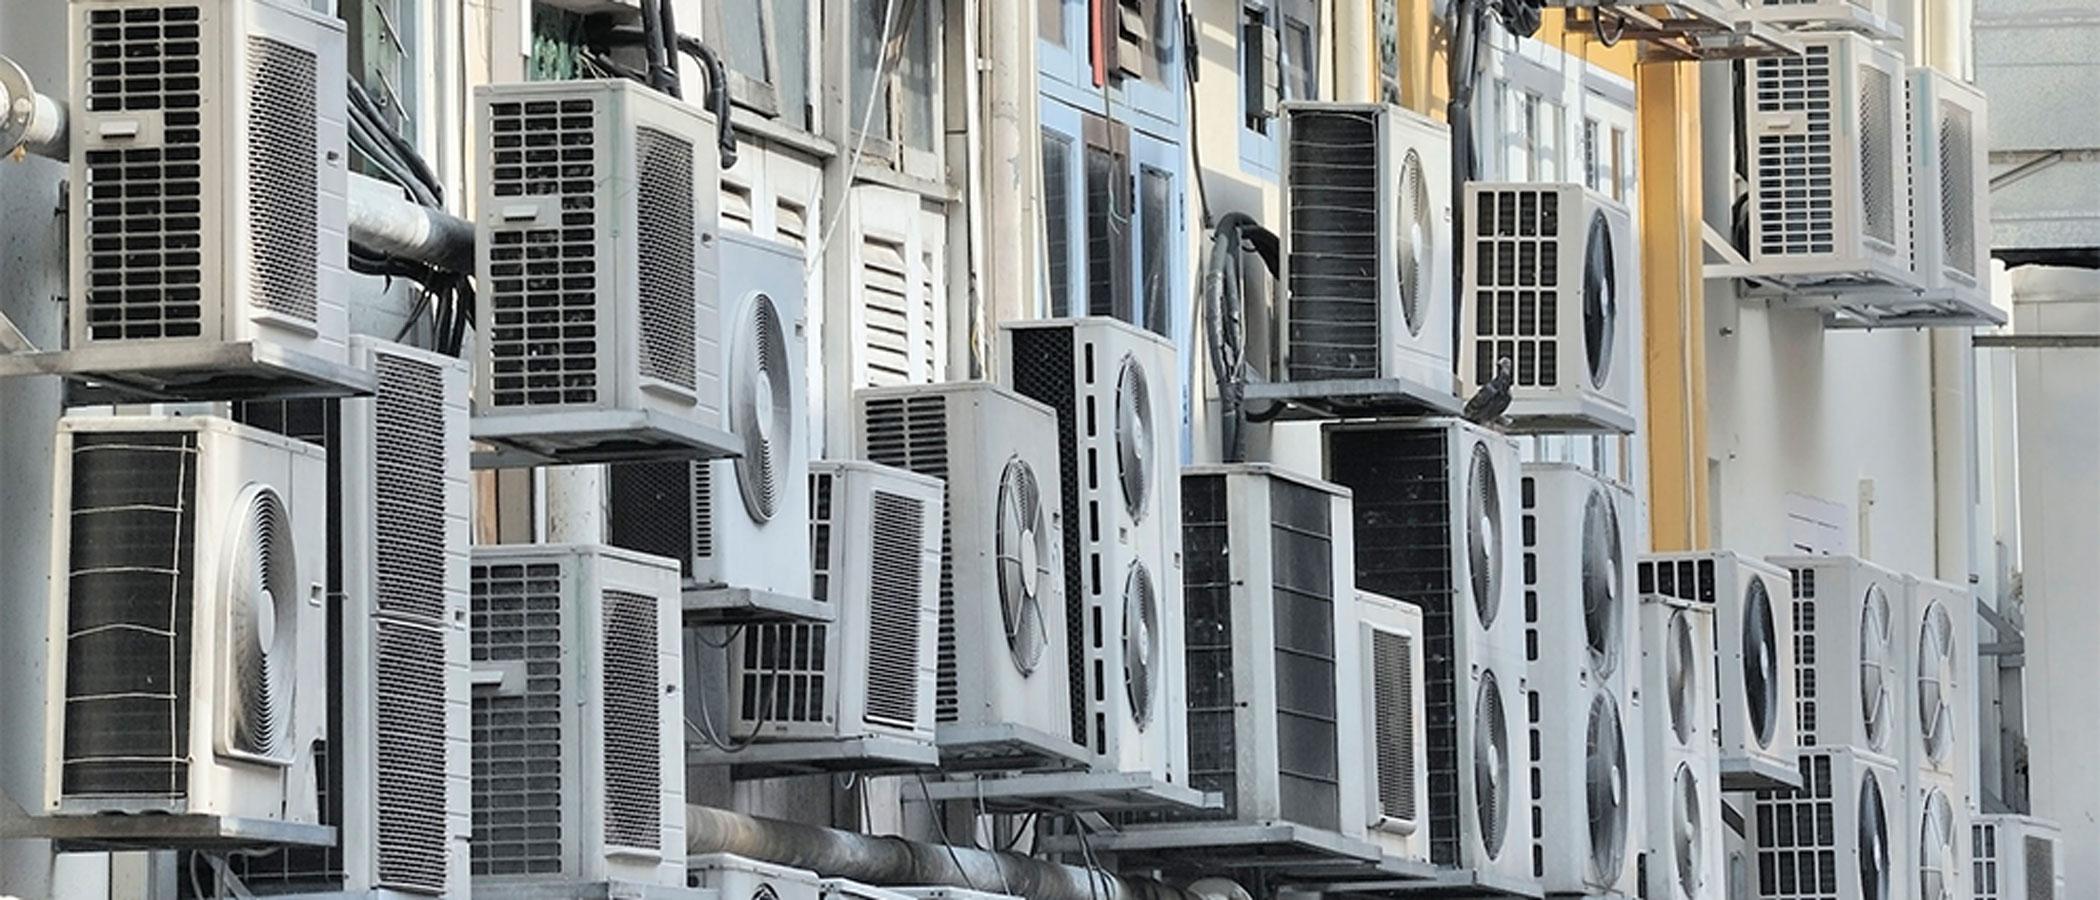 La première règle de l'administration Biden sur la pollution climatique vise les réfrigérants comme les climatiseurs et les frigos sans retourner en arrière voici comment ?